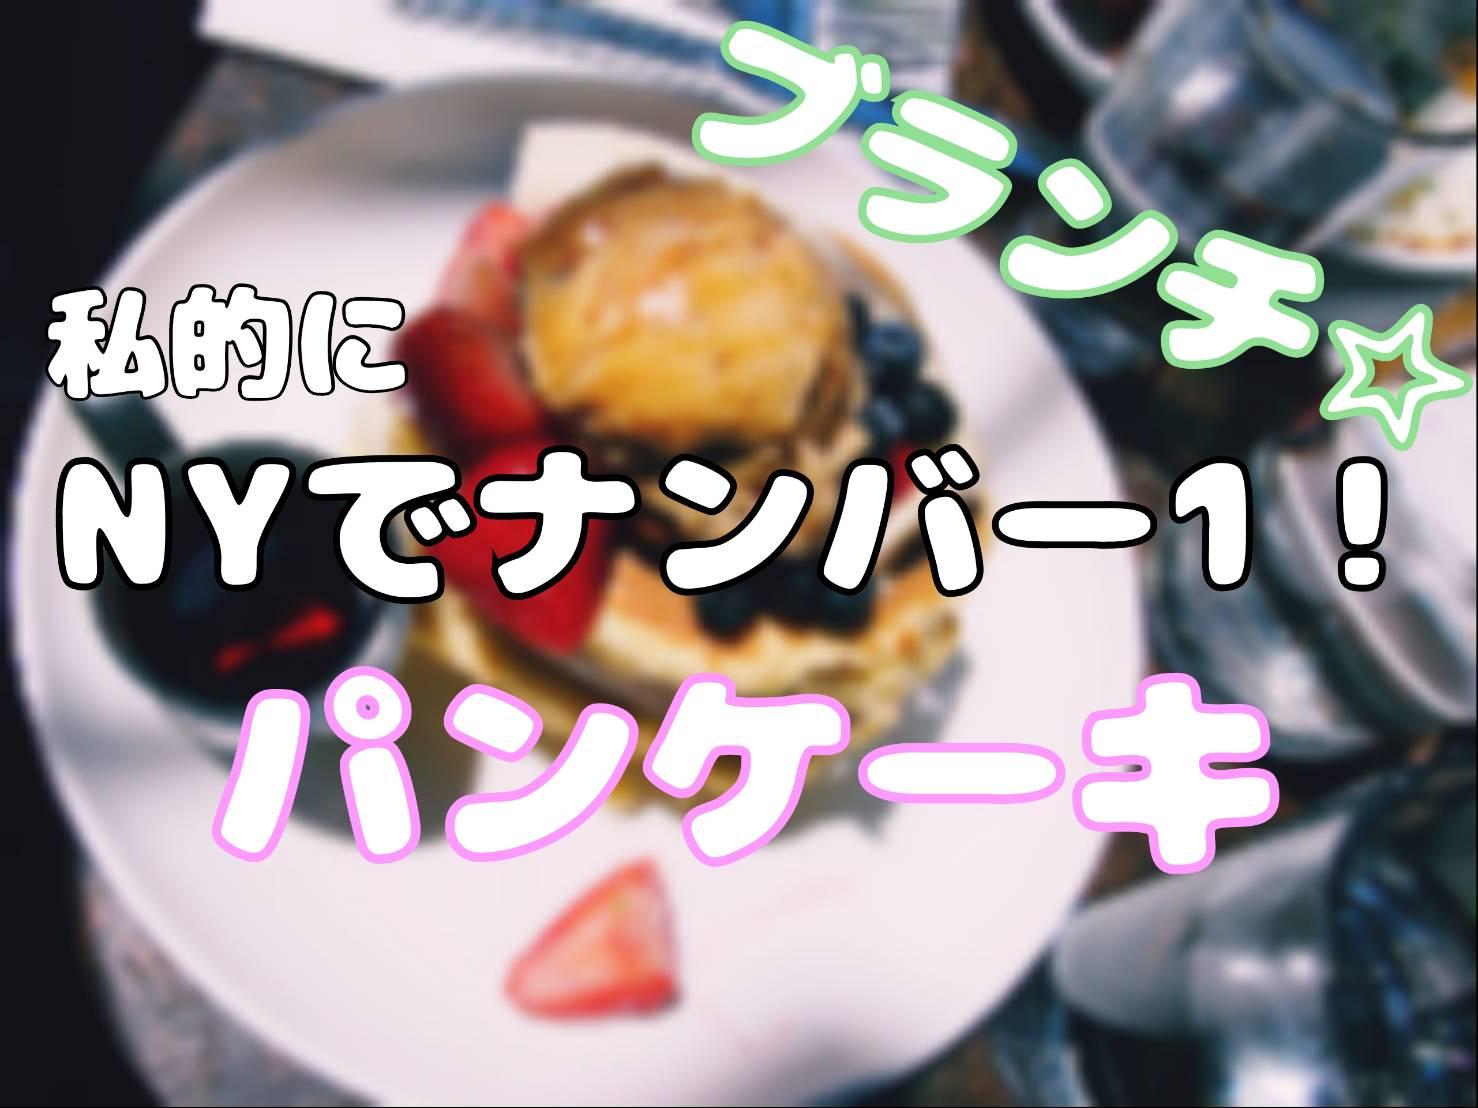 ニューヨークでブランチにおすすめの大人気パンケーキ☆FIVE LEAVES!